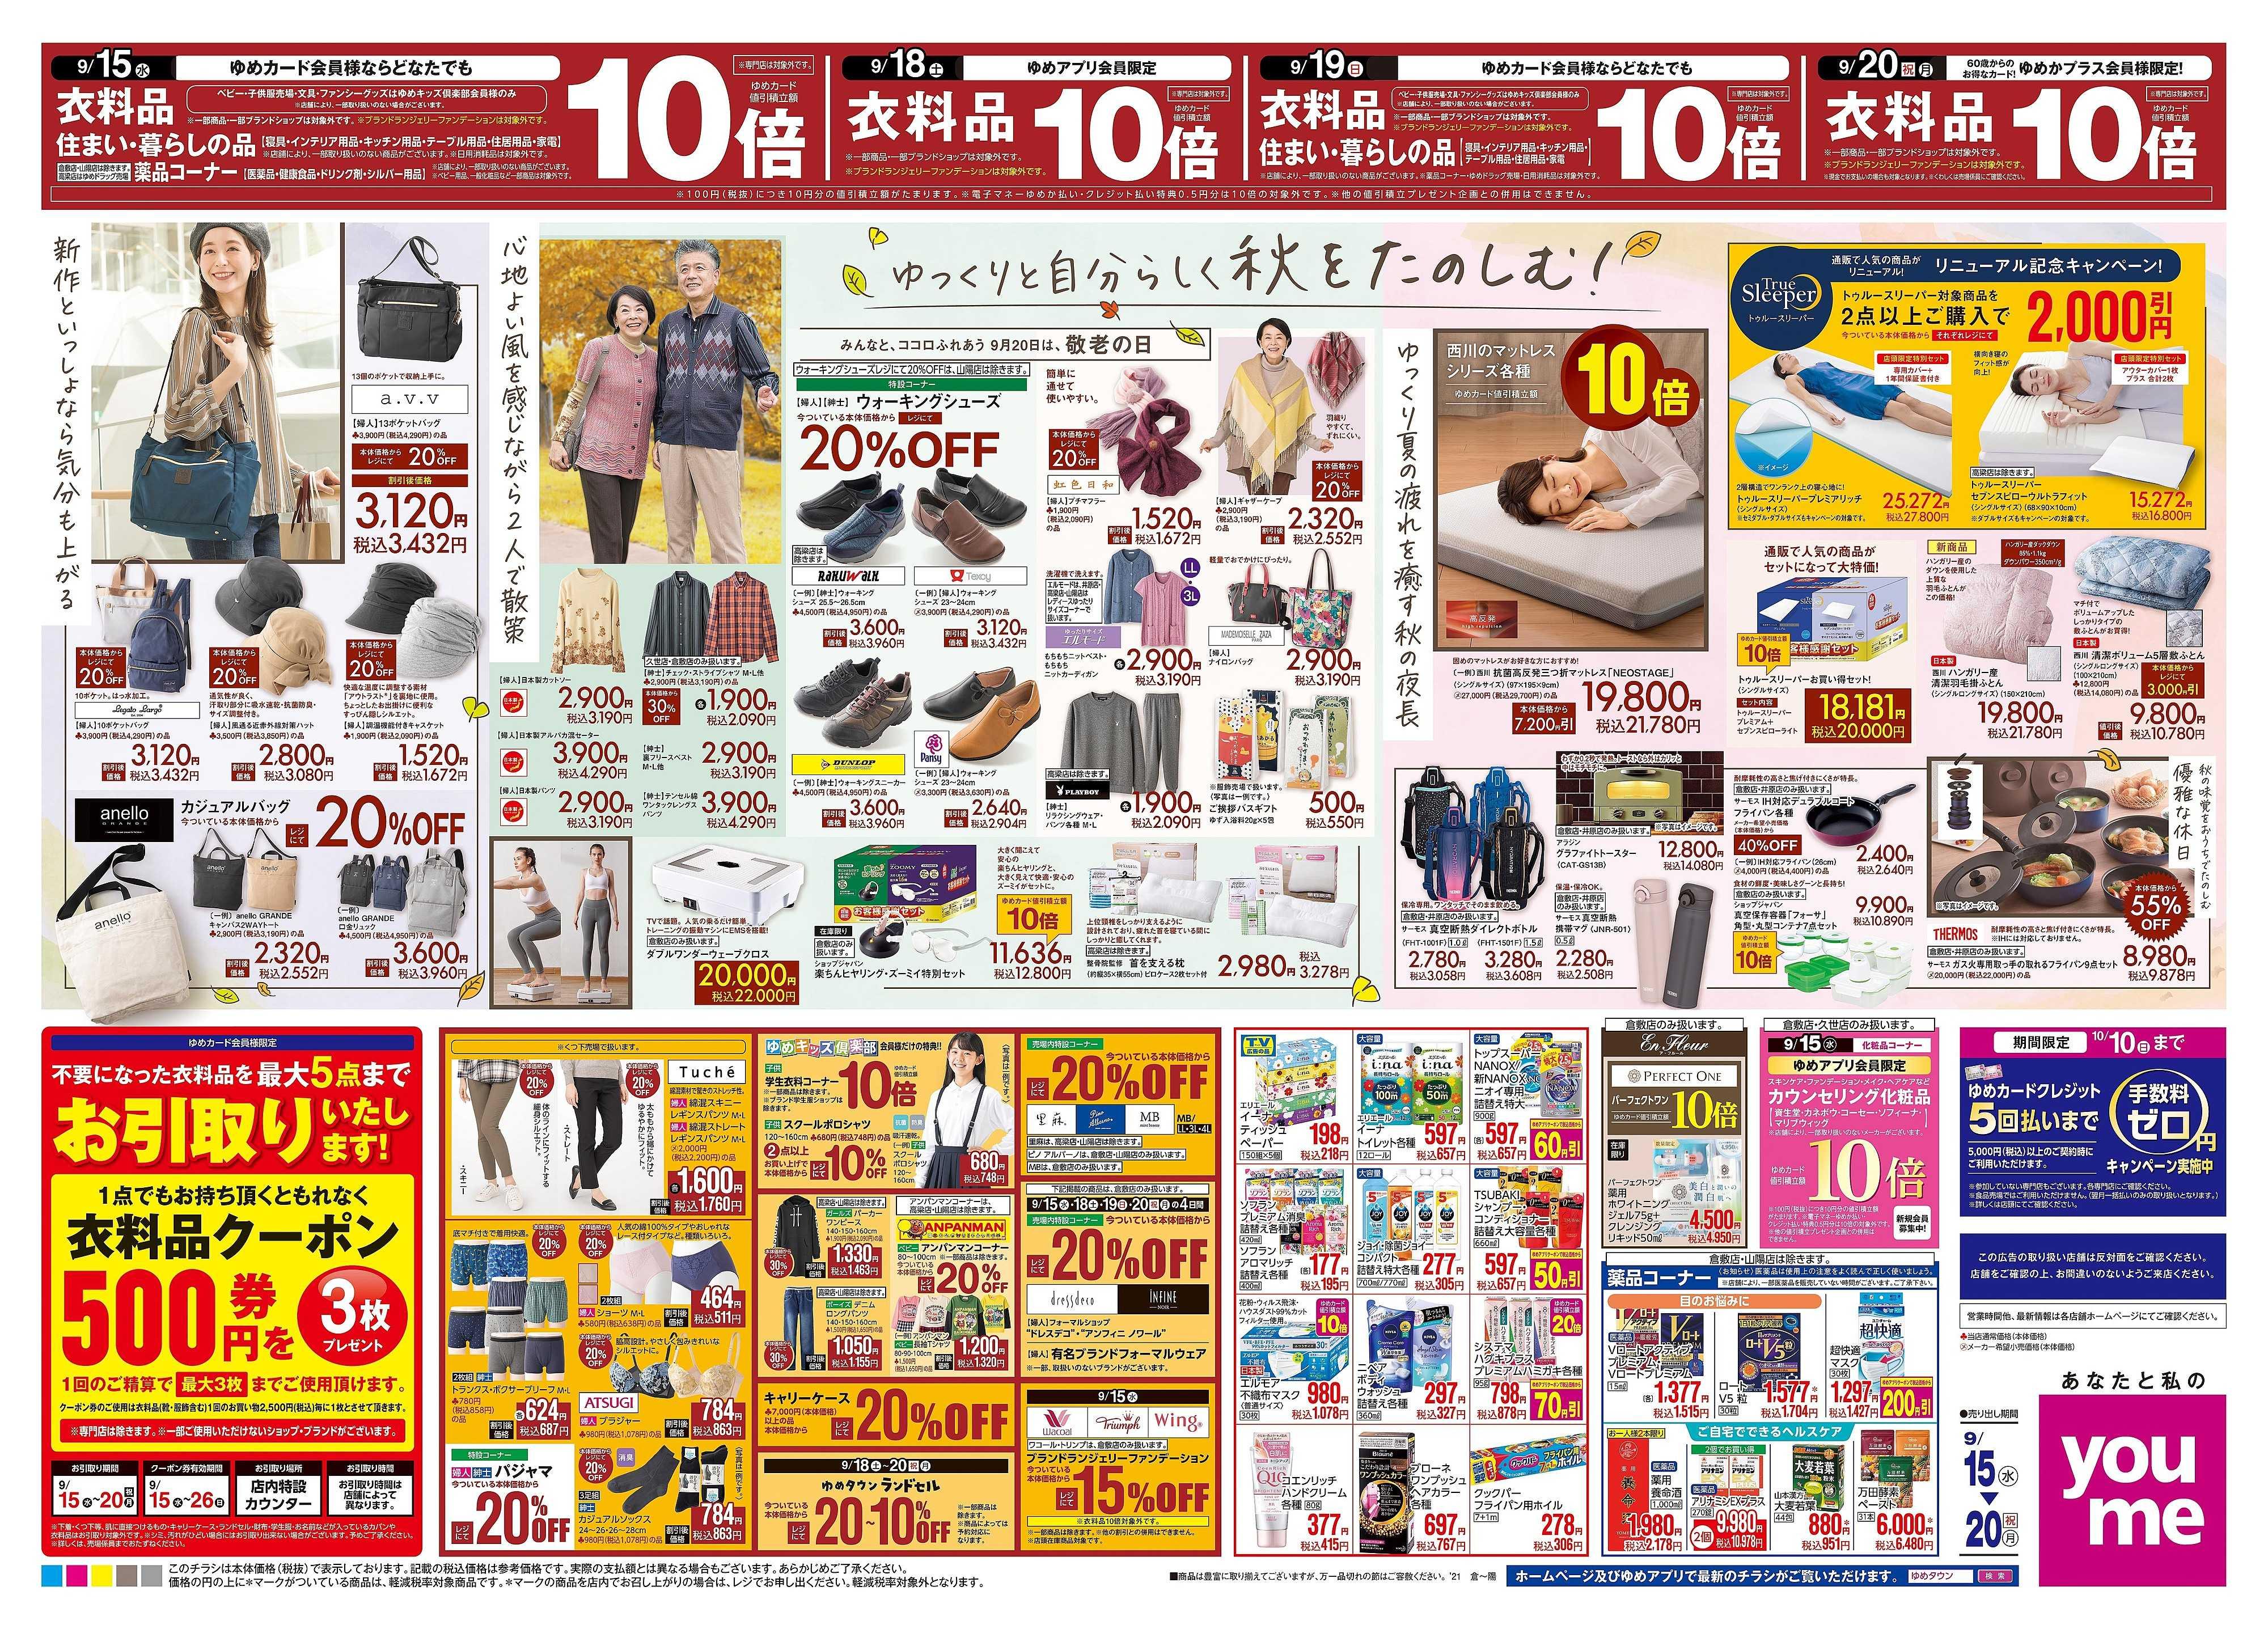 ゆめタウン 9/15(水)-9/20(祝・月)